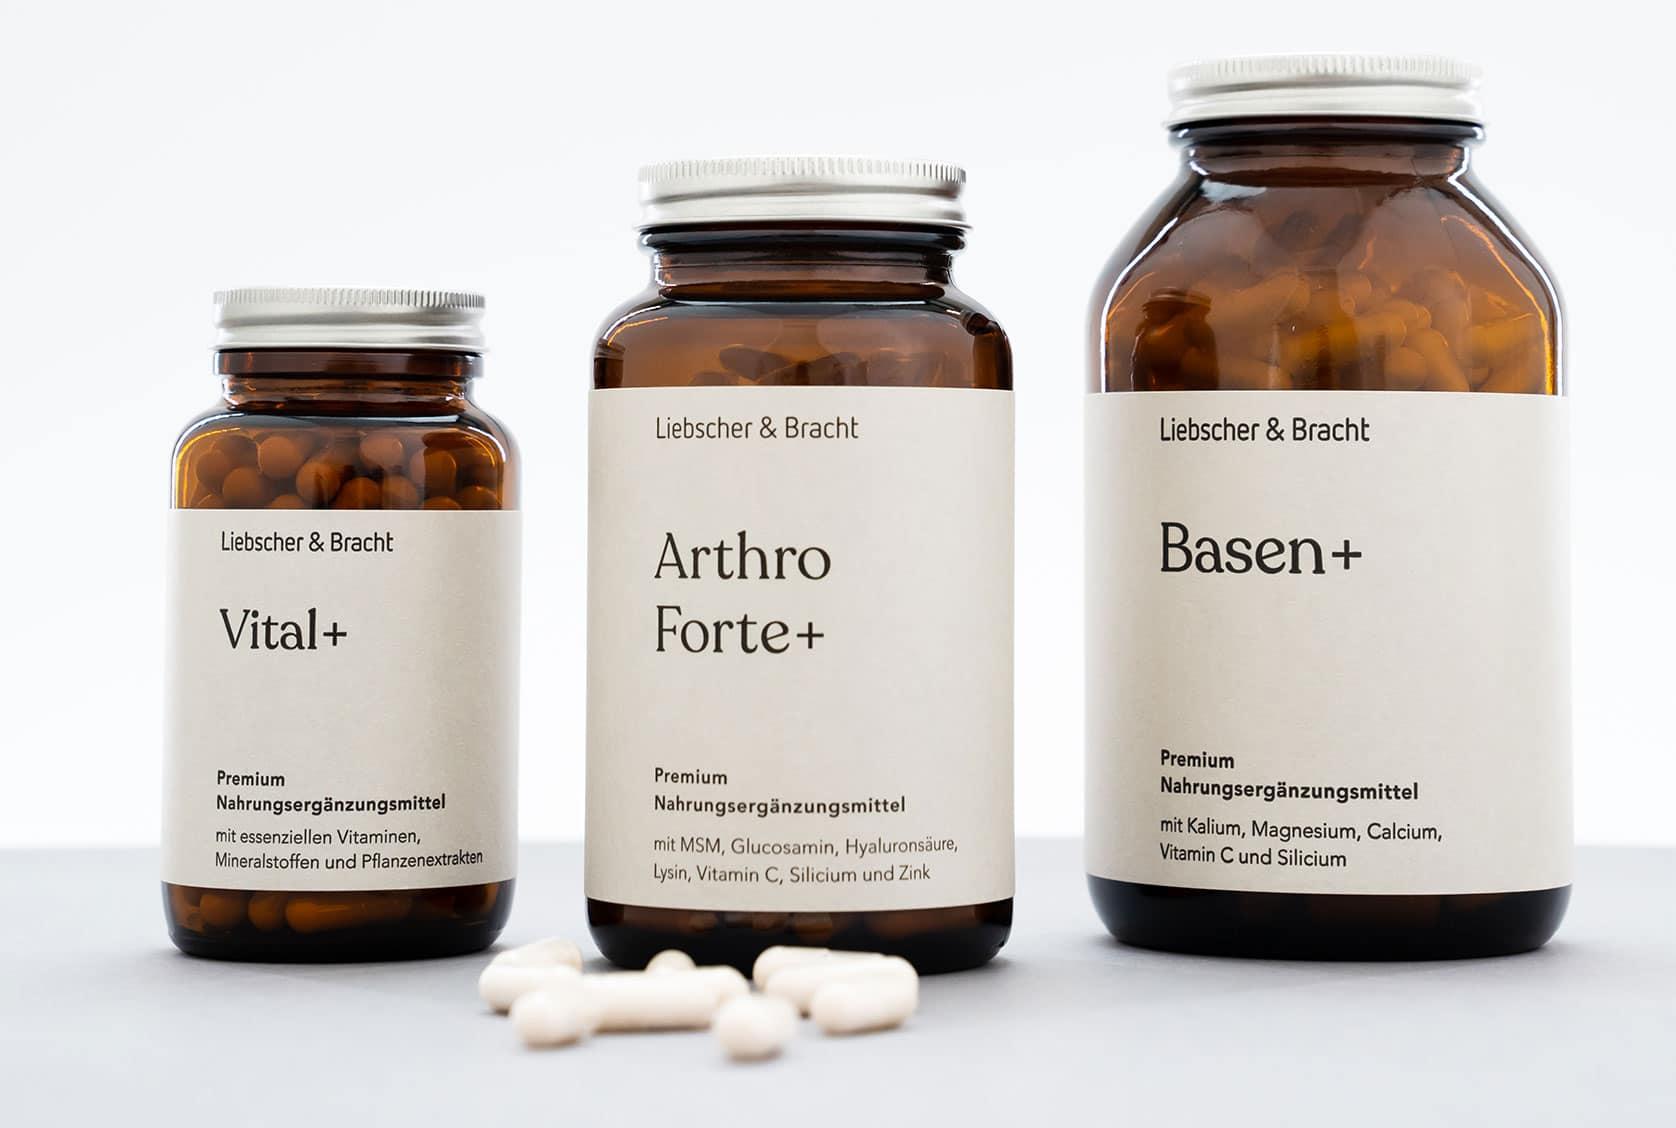 Drei Dosen Premium Nahrungsergänzungsmittel (Vitalstoffe) von Liebscher & Bracht